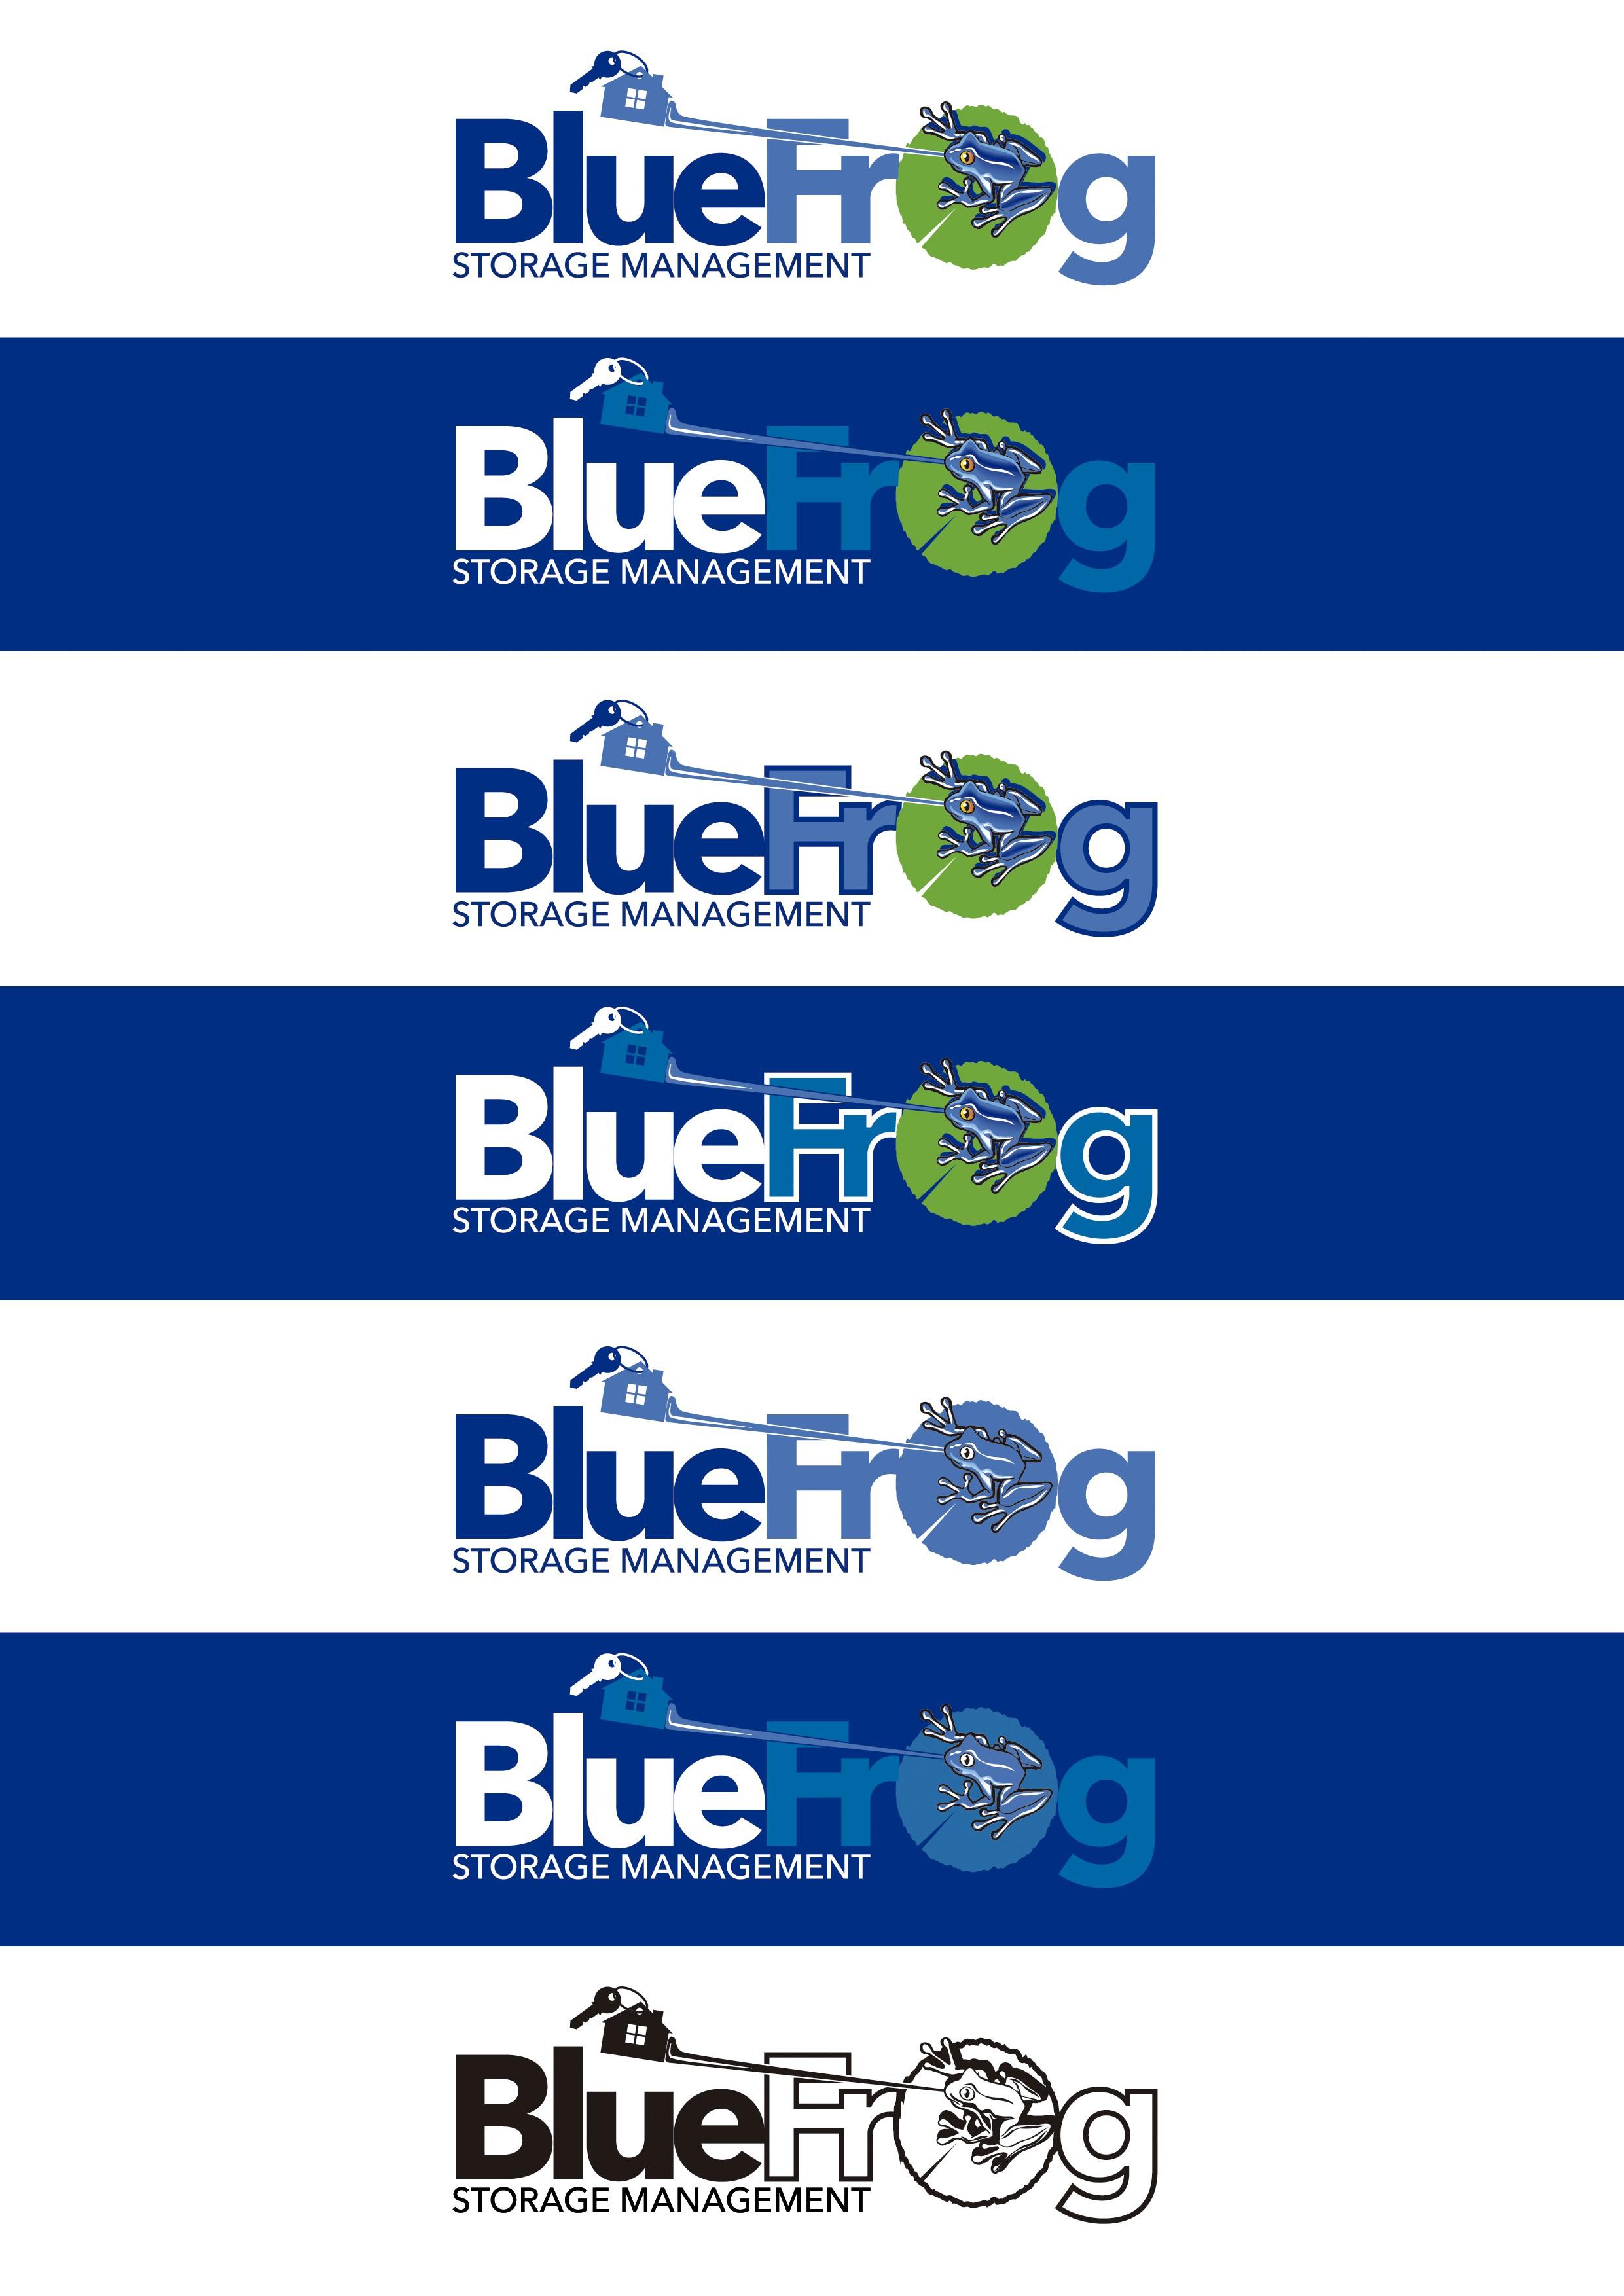 Blue Frog Storage Management